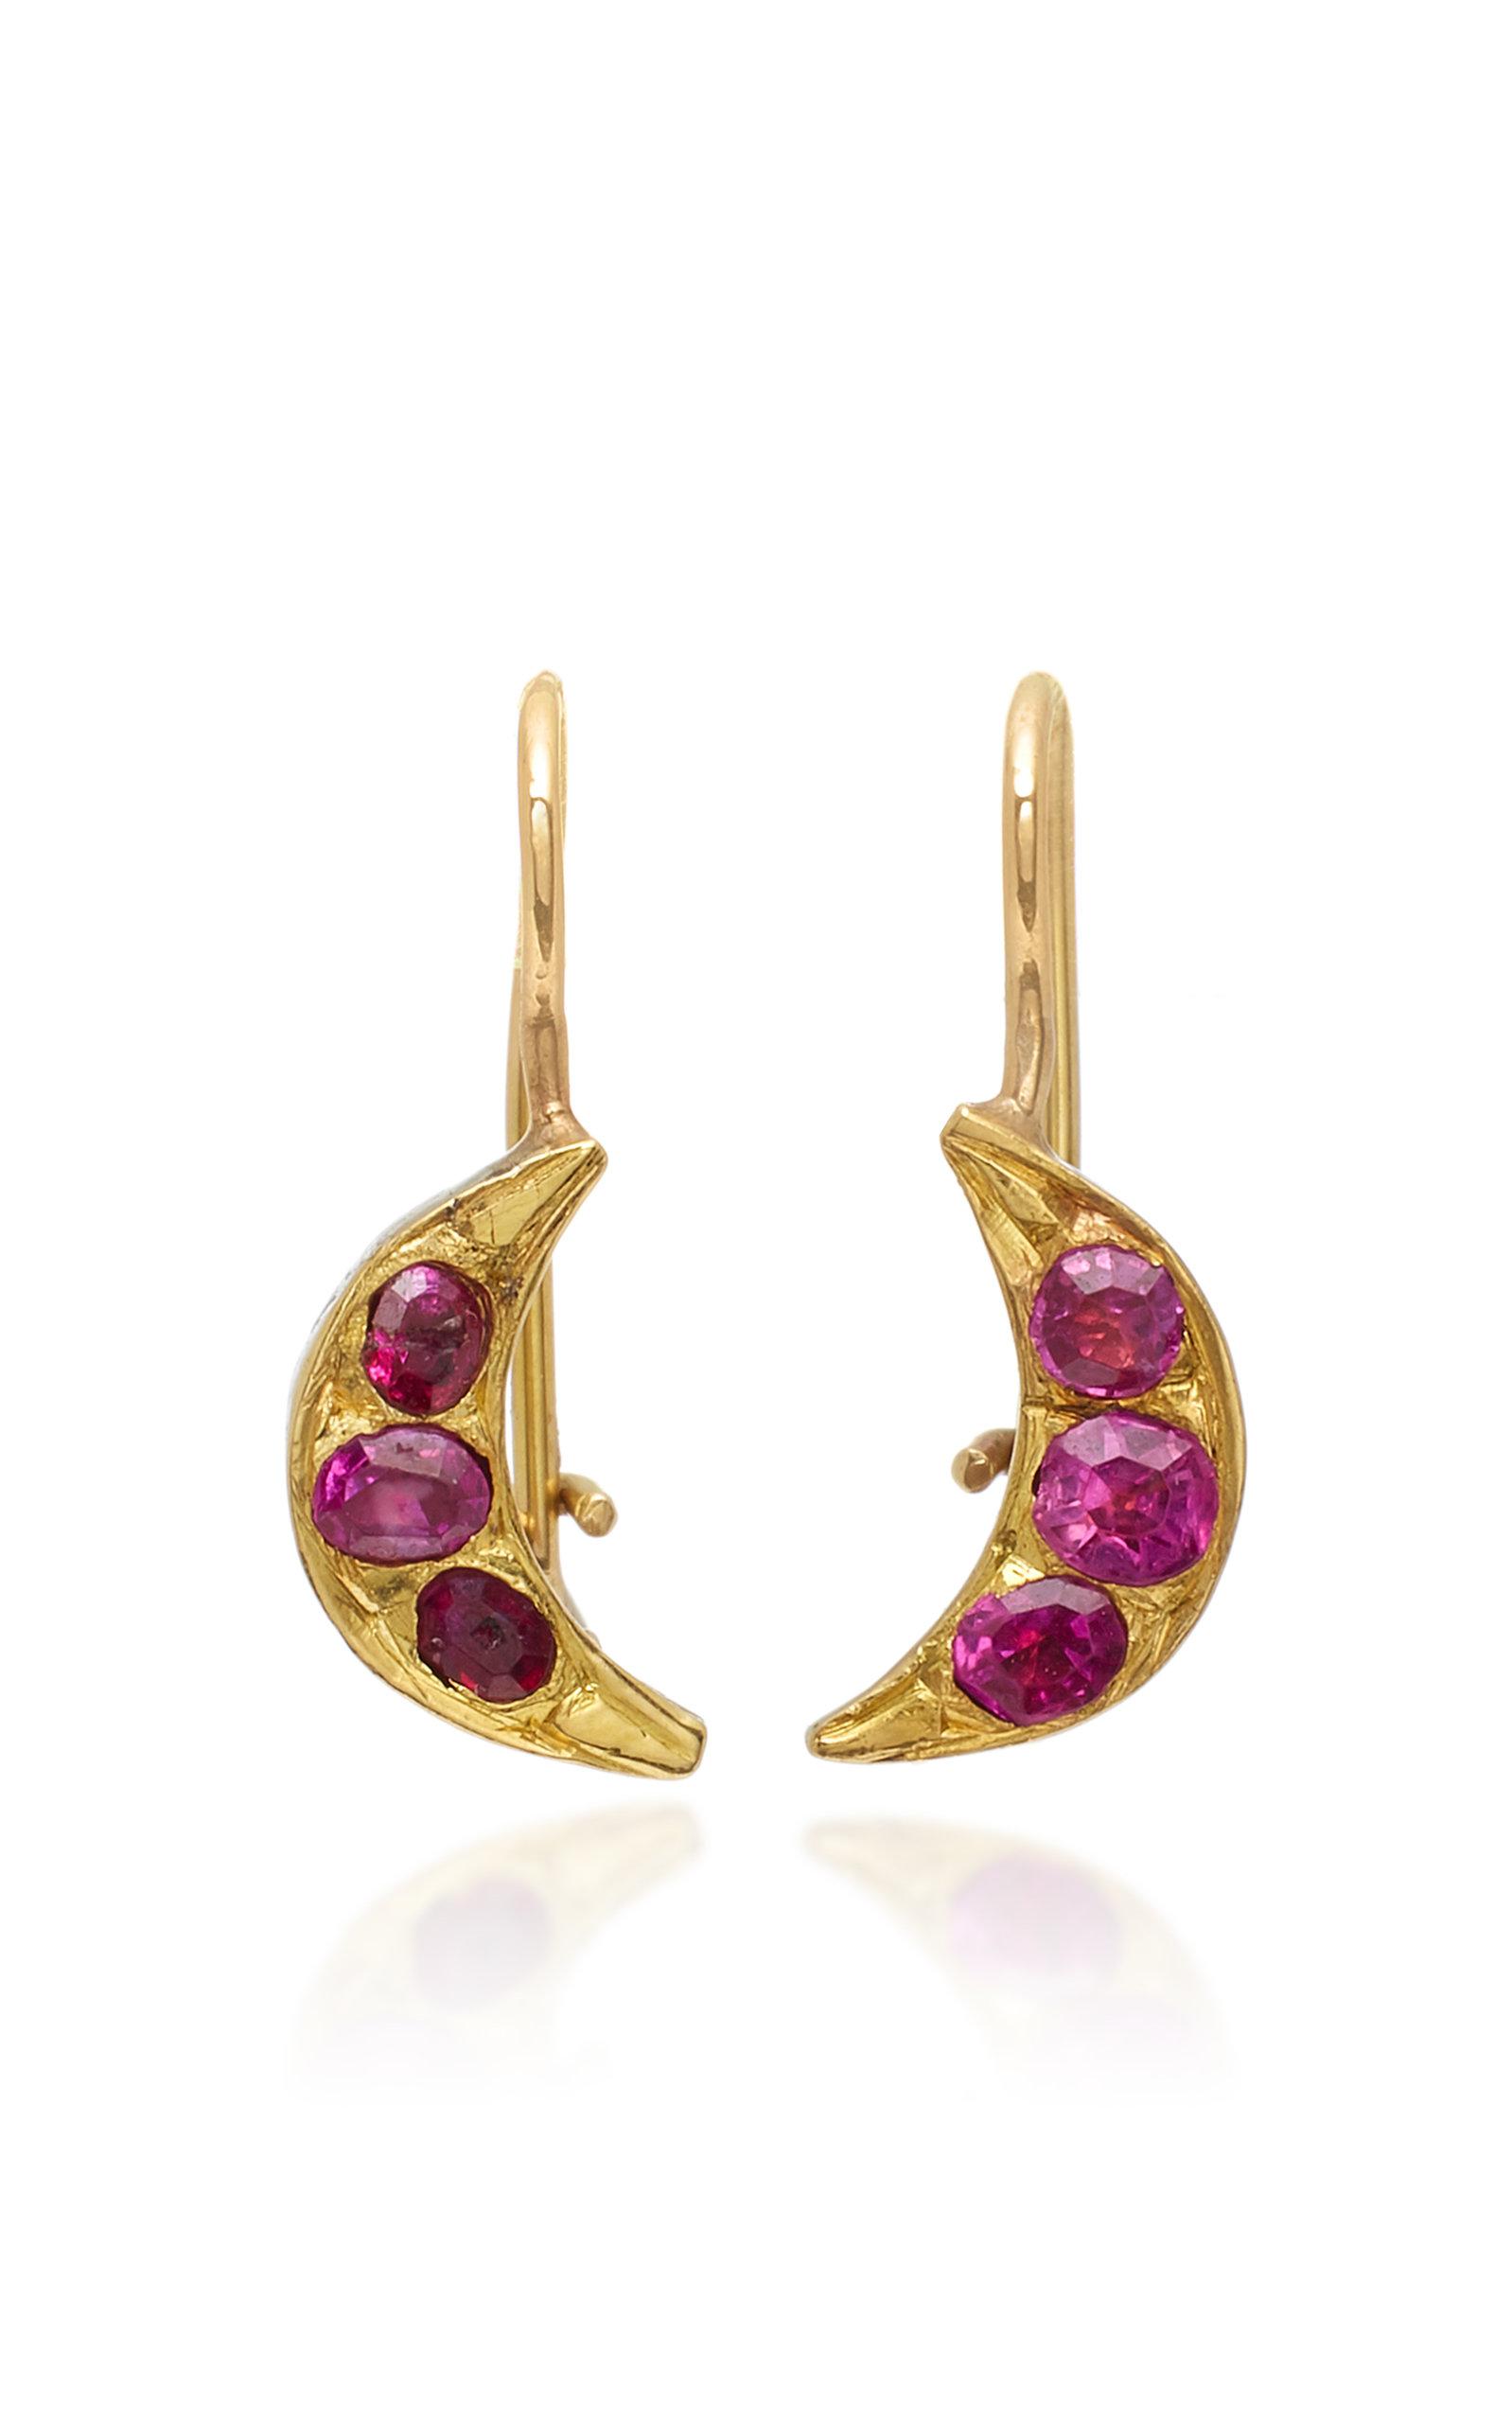 RENEE LEWIS CRESCENT MOON 18K GOLD RUBY EARRINGS